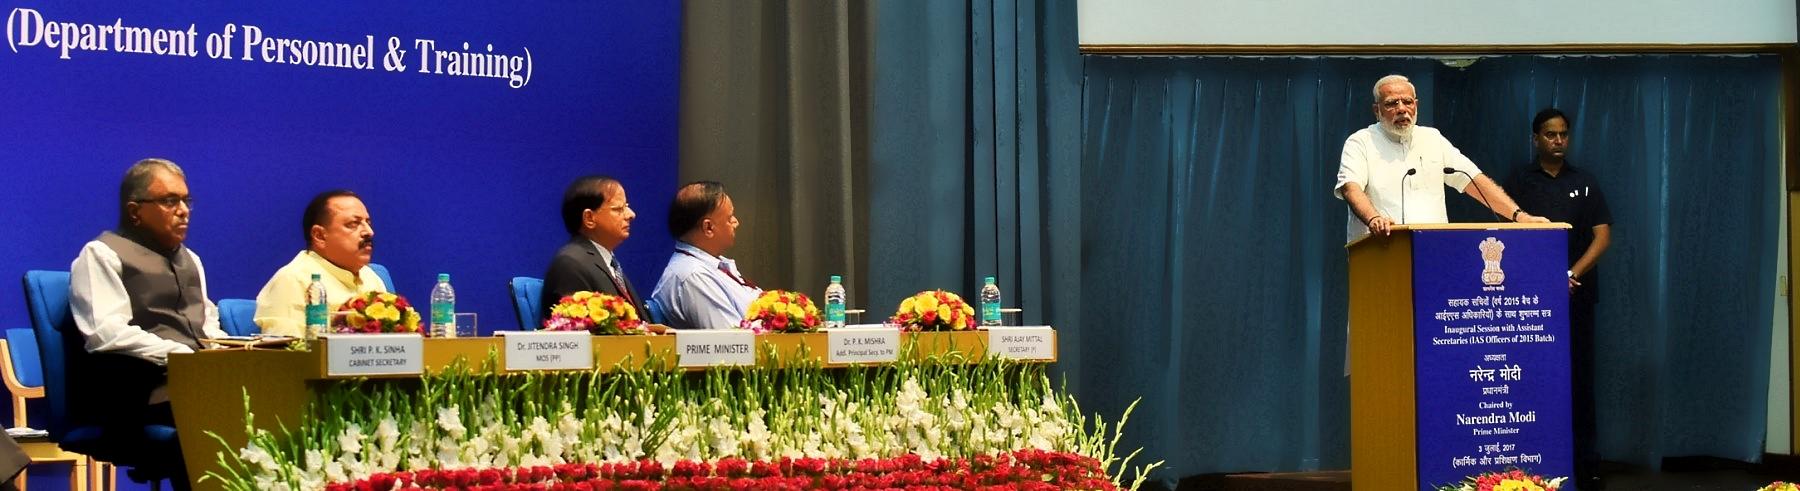 माननीय प्रधानमंत्री की अध्यक्षता मैं सहायक सचिवों (वर्ष 2015 बैच के आईएएस अधिकारियों) का शुभारम्भ सत्र